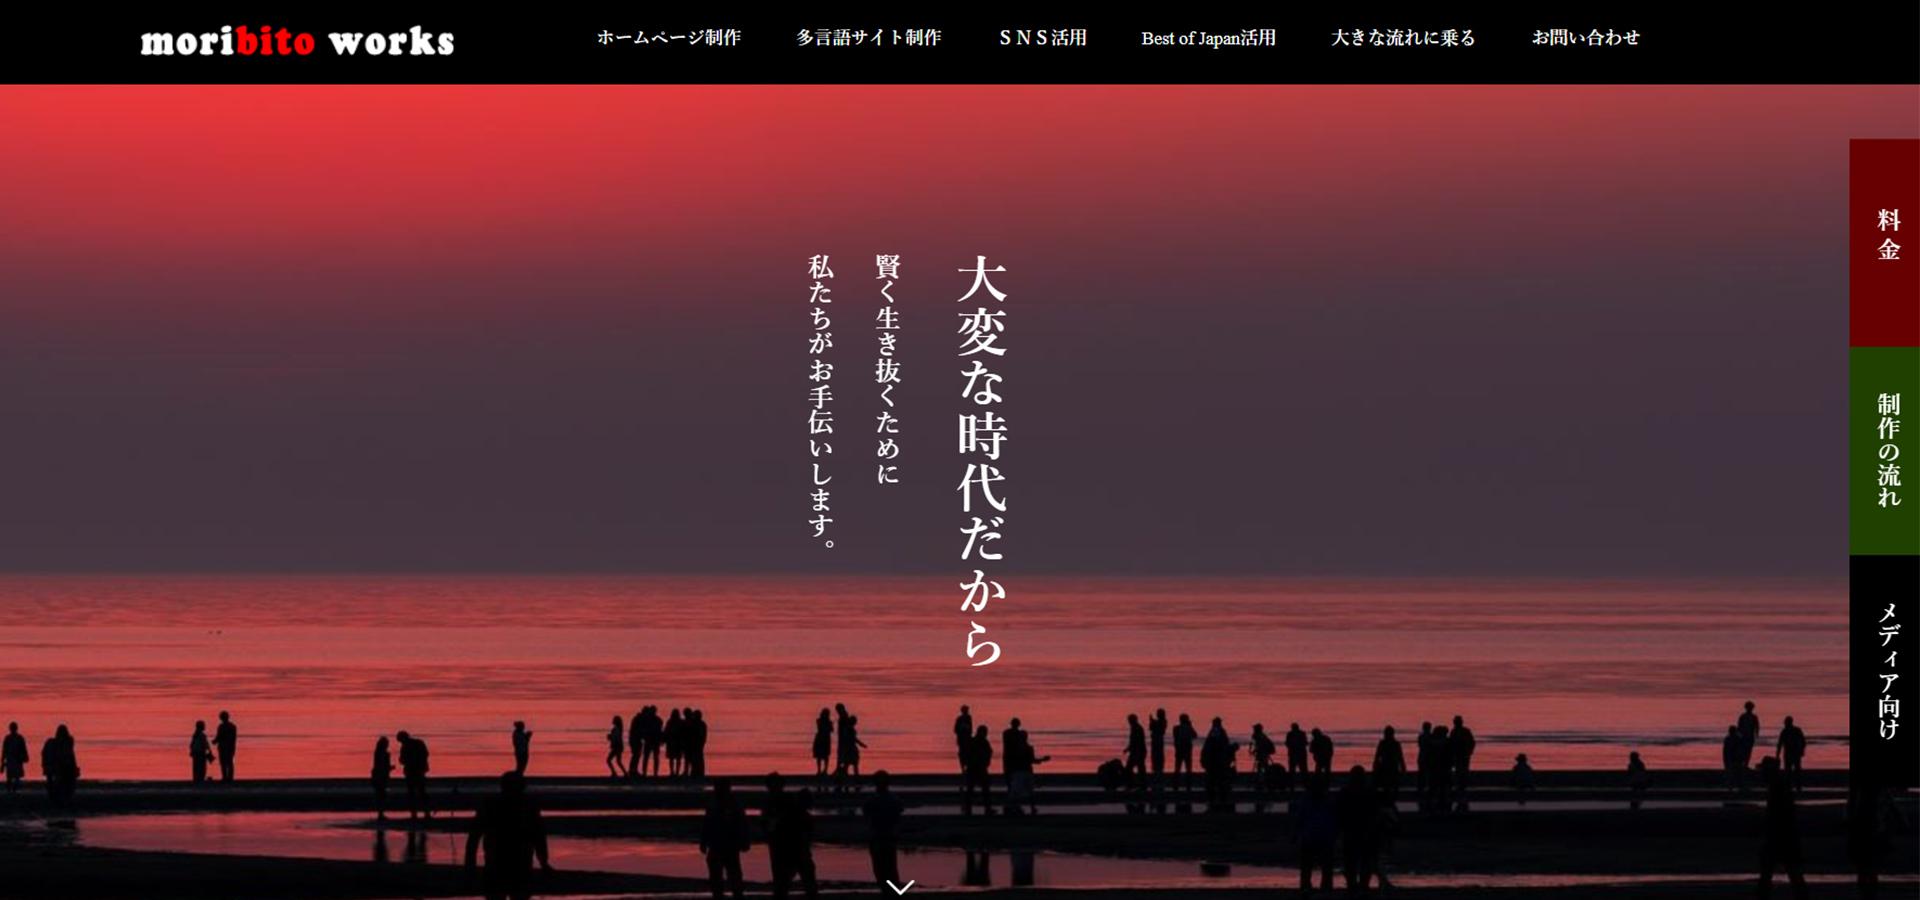 ホームページ制作会社 moribito works